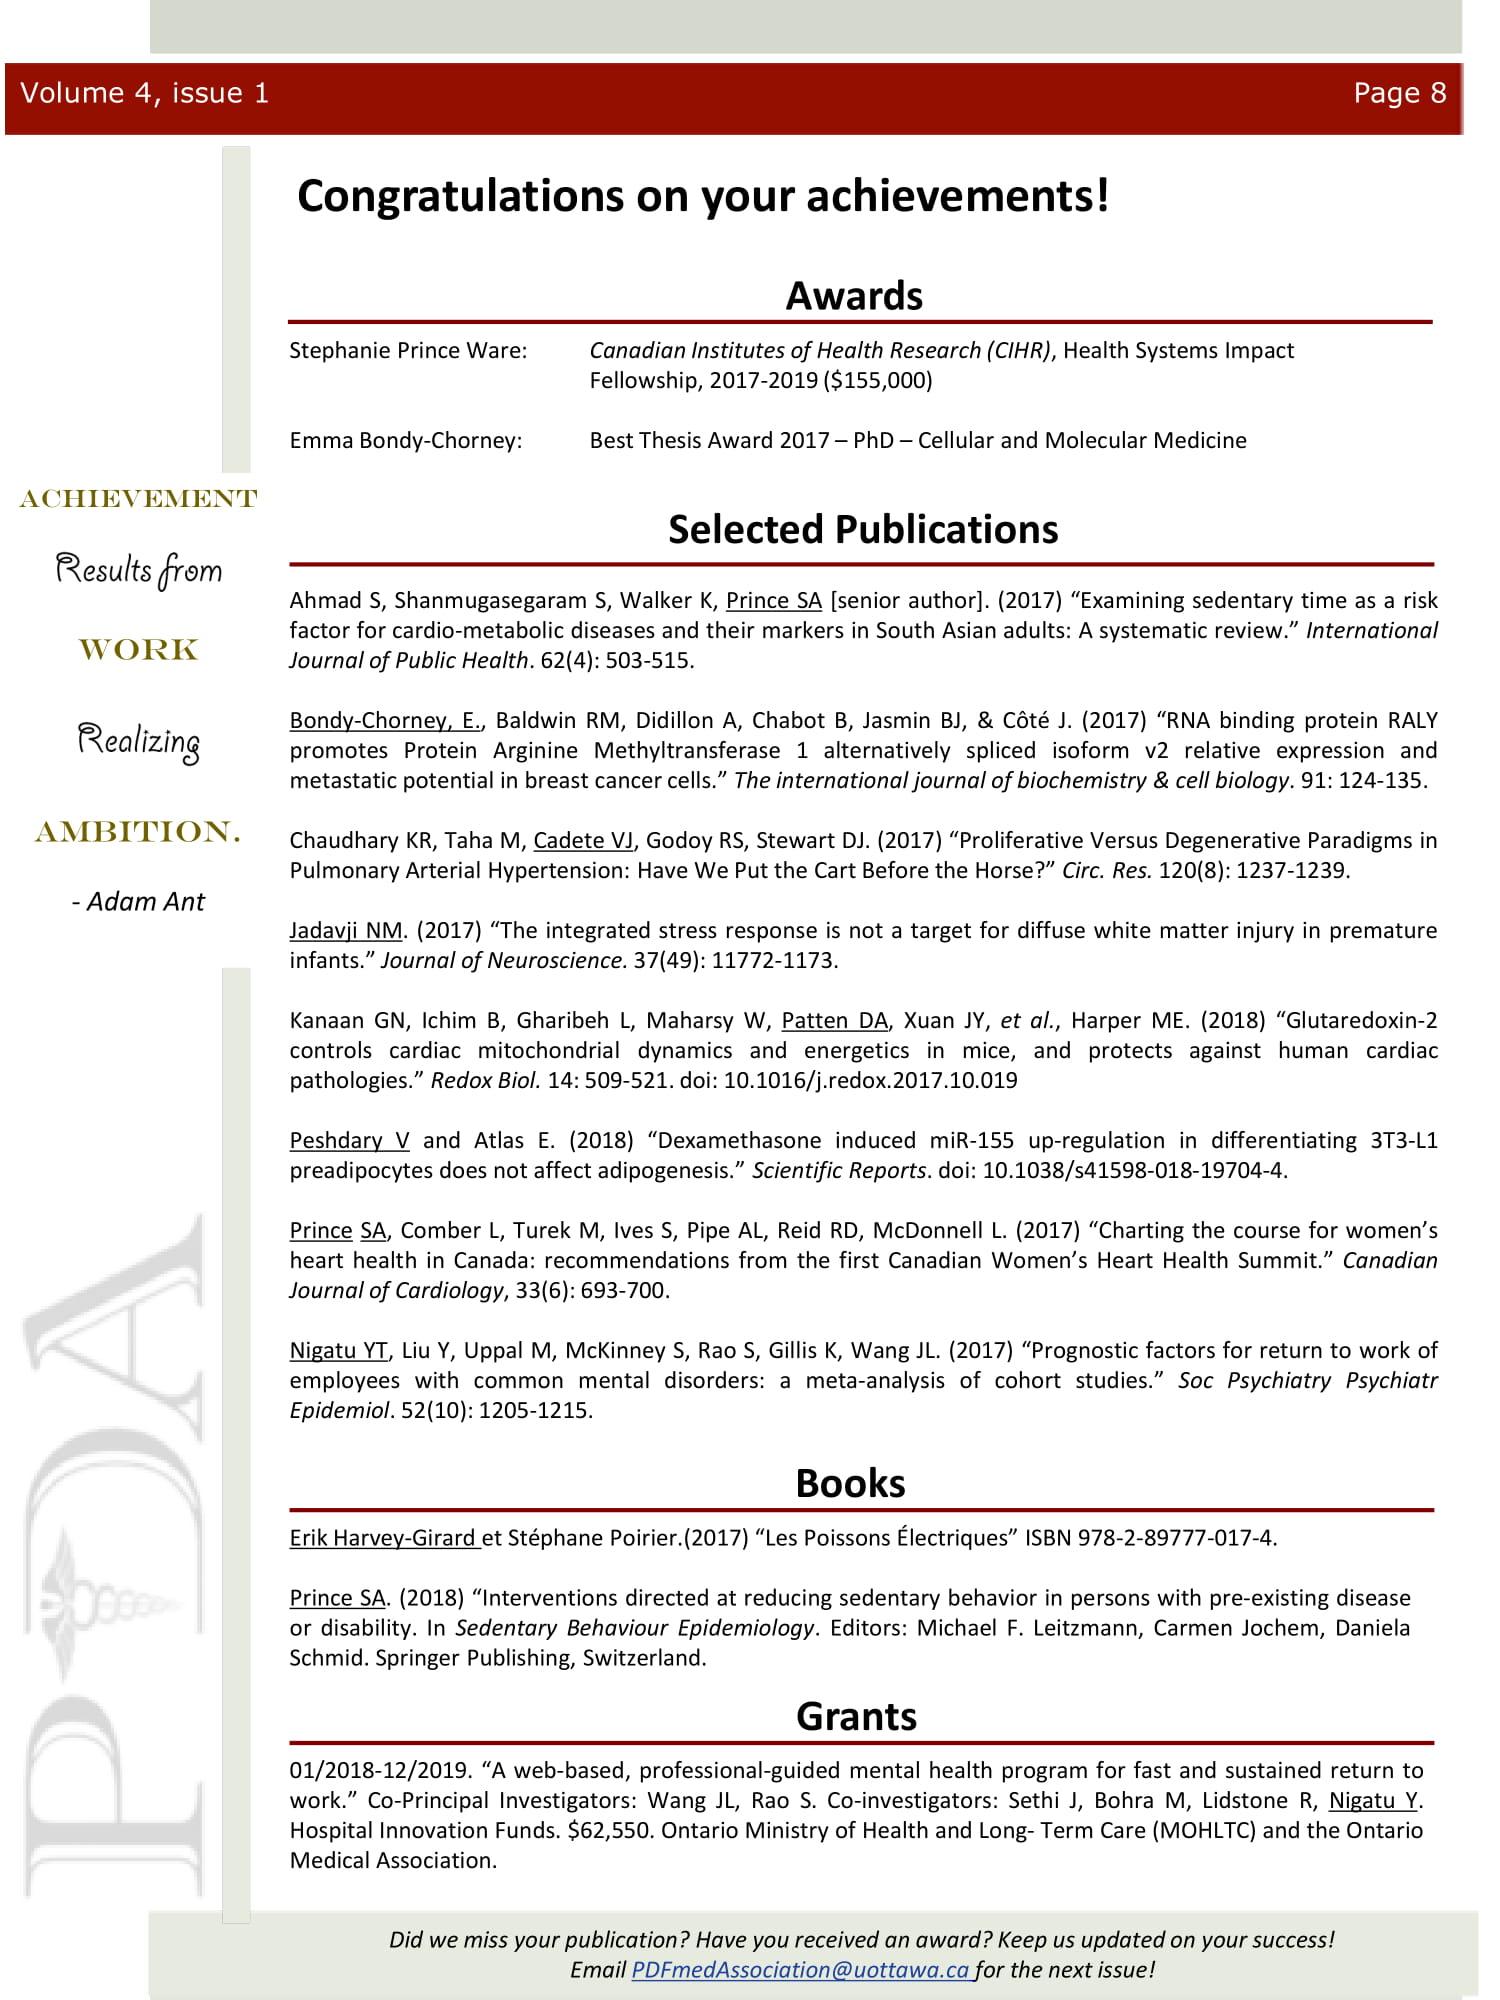 PDA_Newsletter_Volume_4_Issue_1-8.jpg